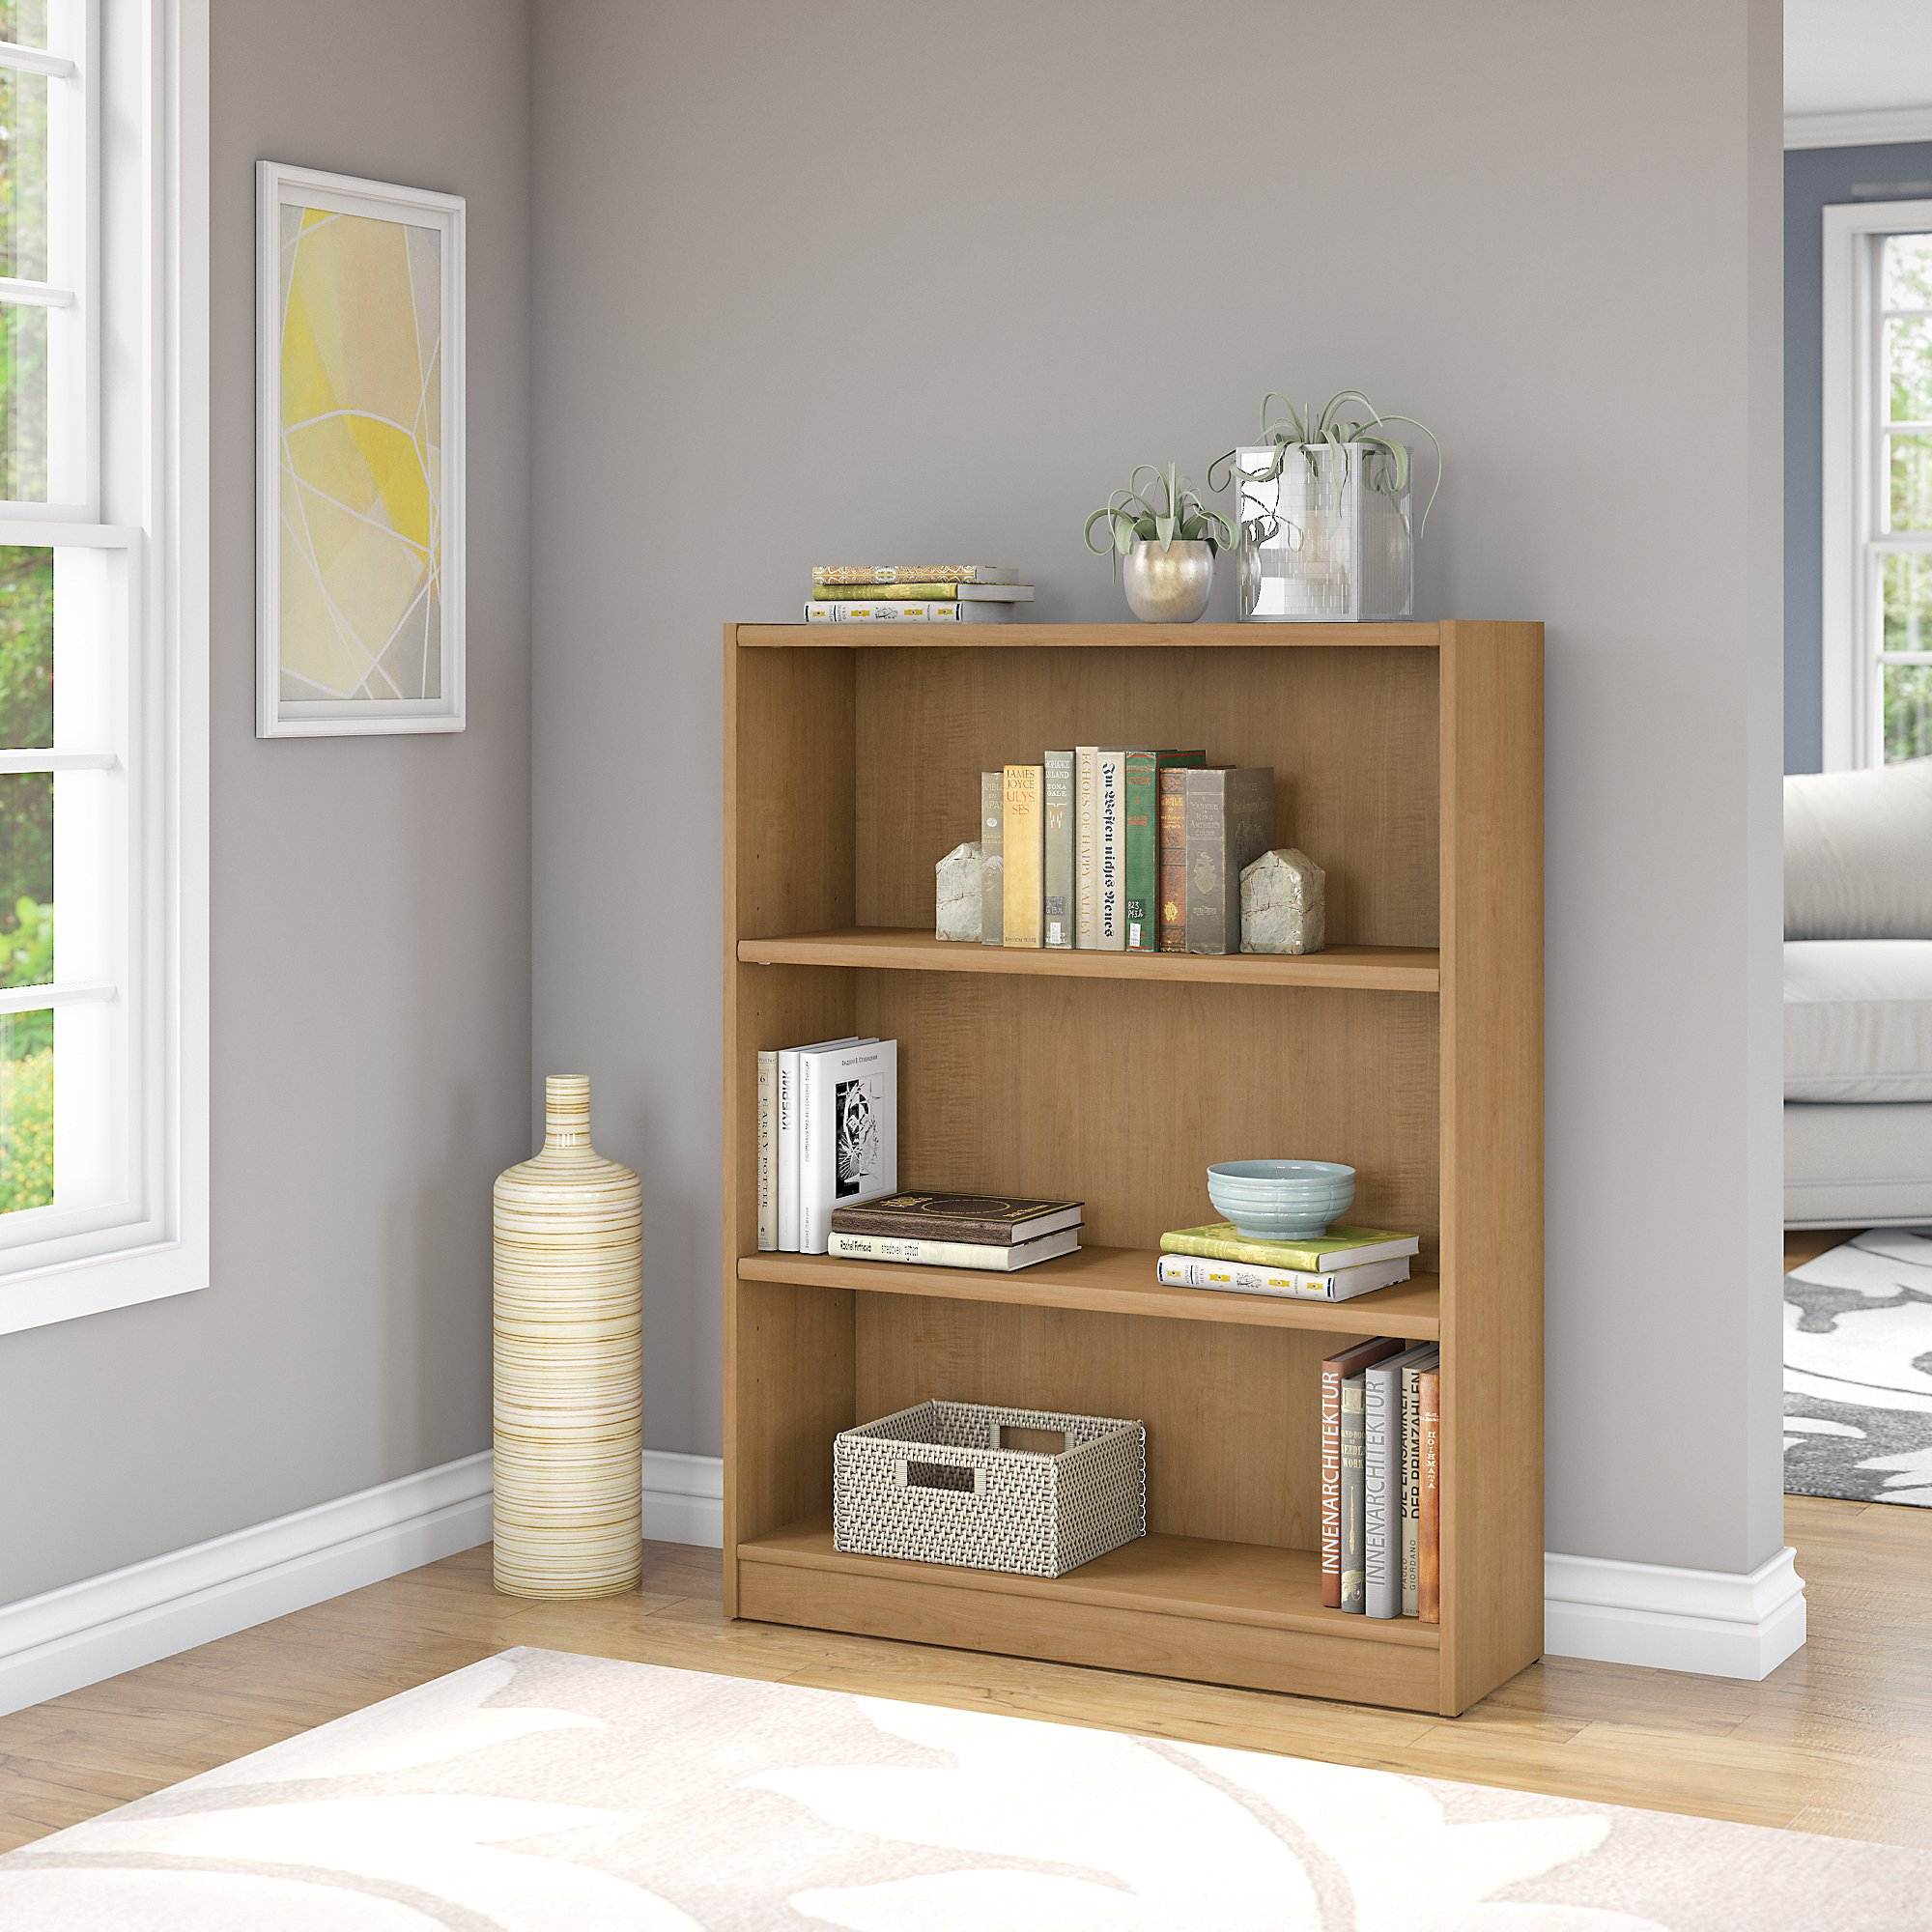 Bush Furniture Universal 3 Shelf Bookcase in Snow Maple